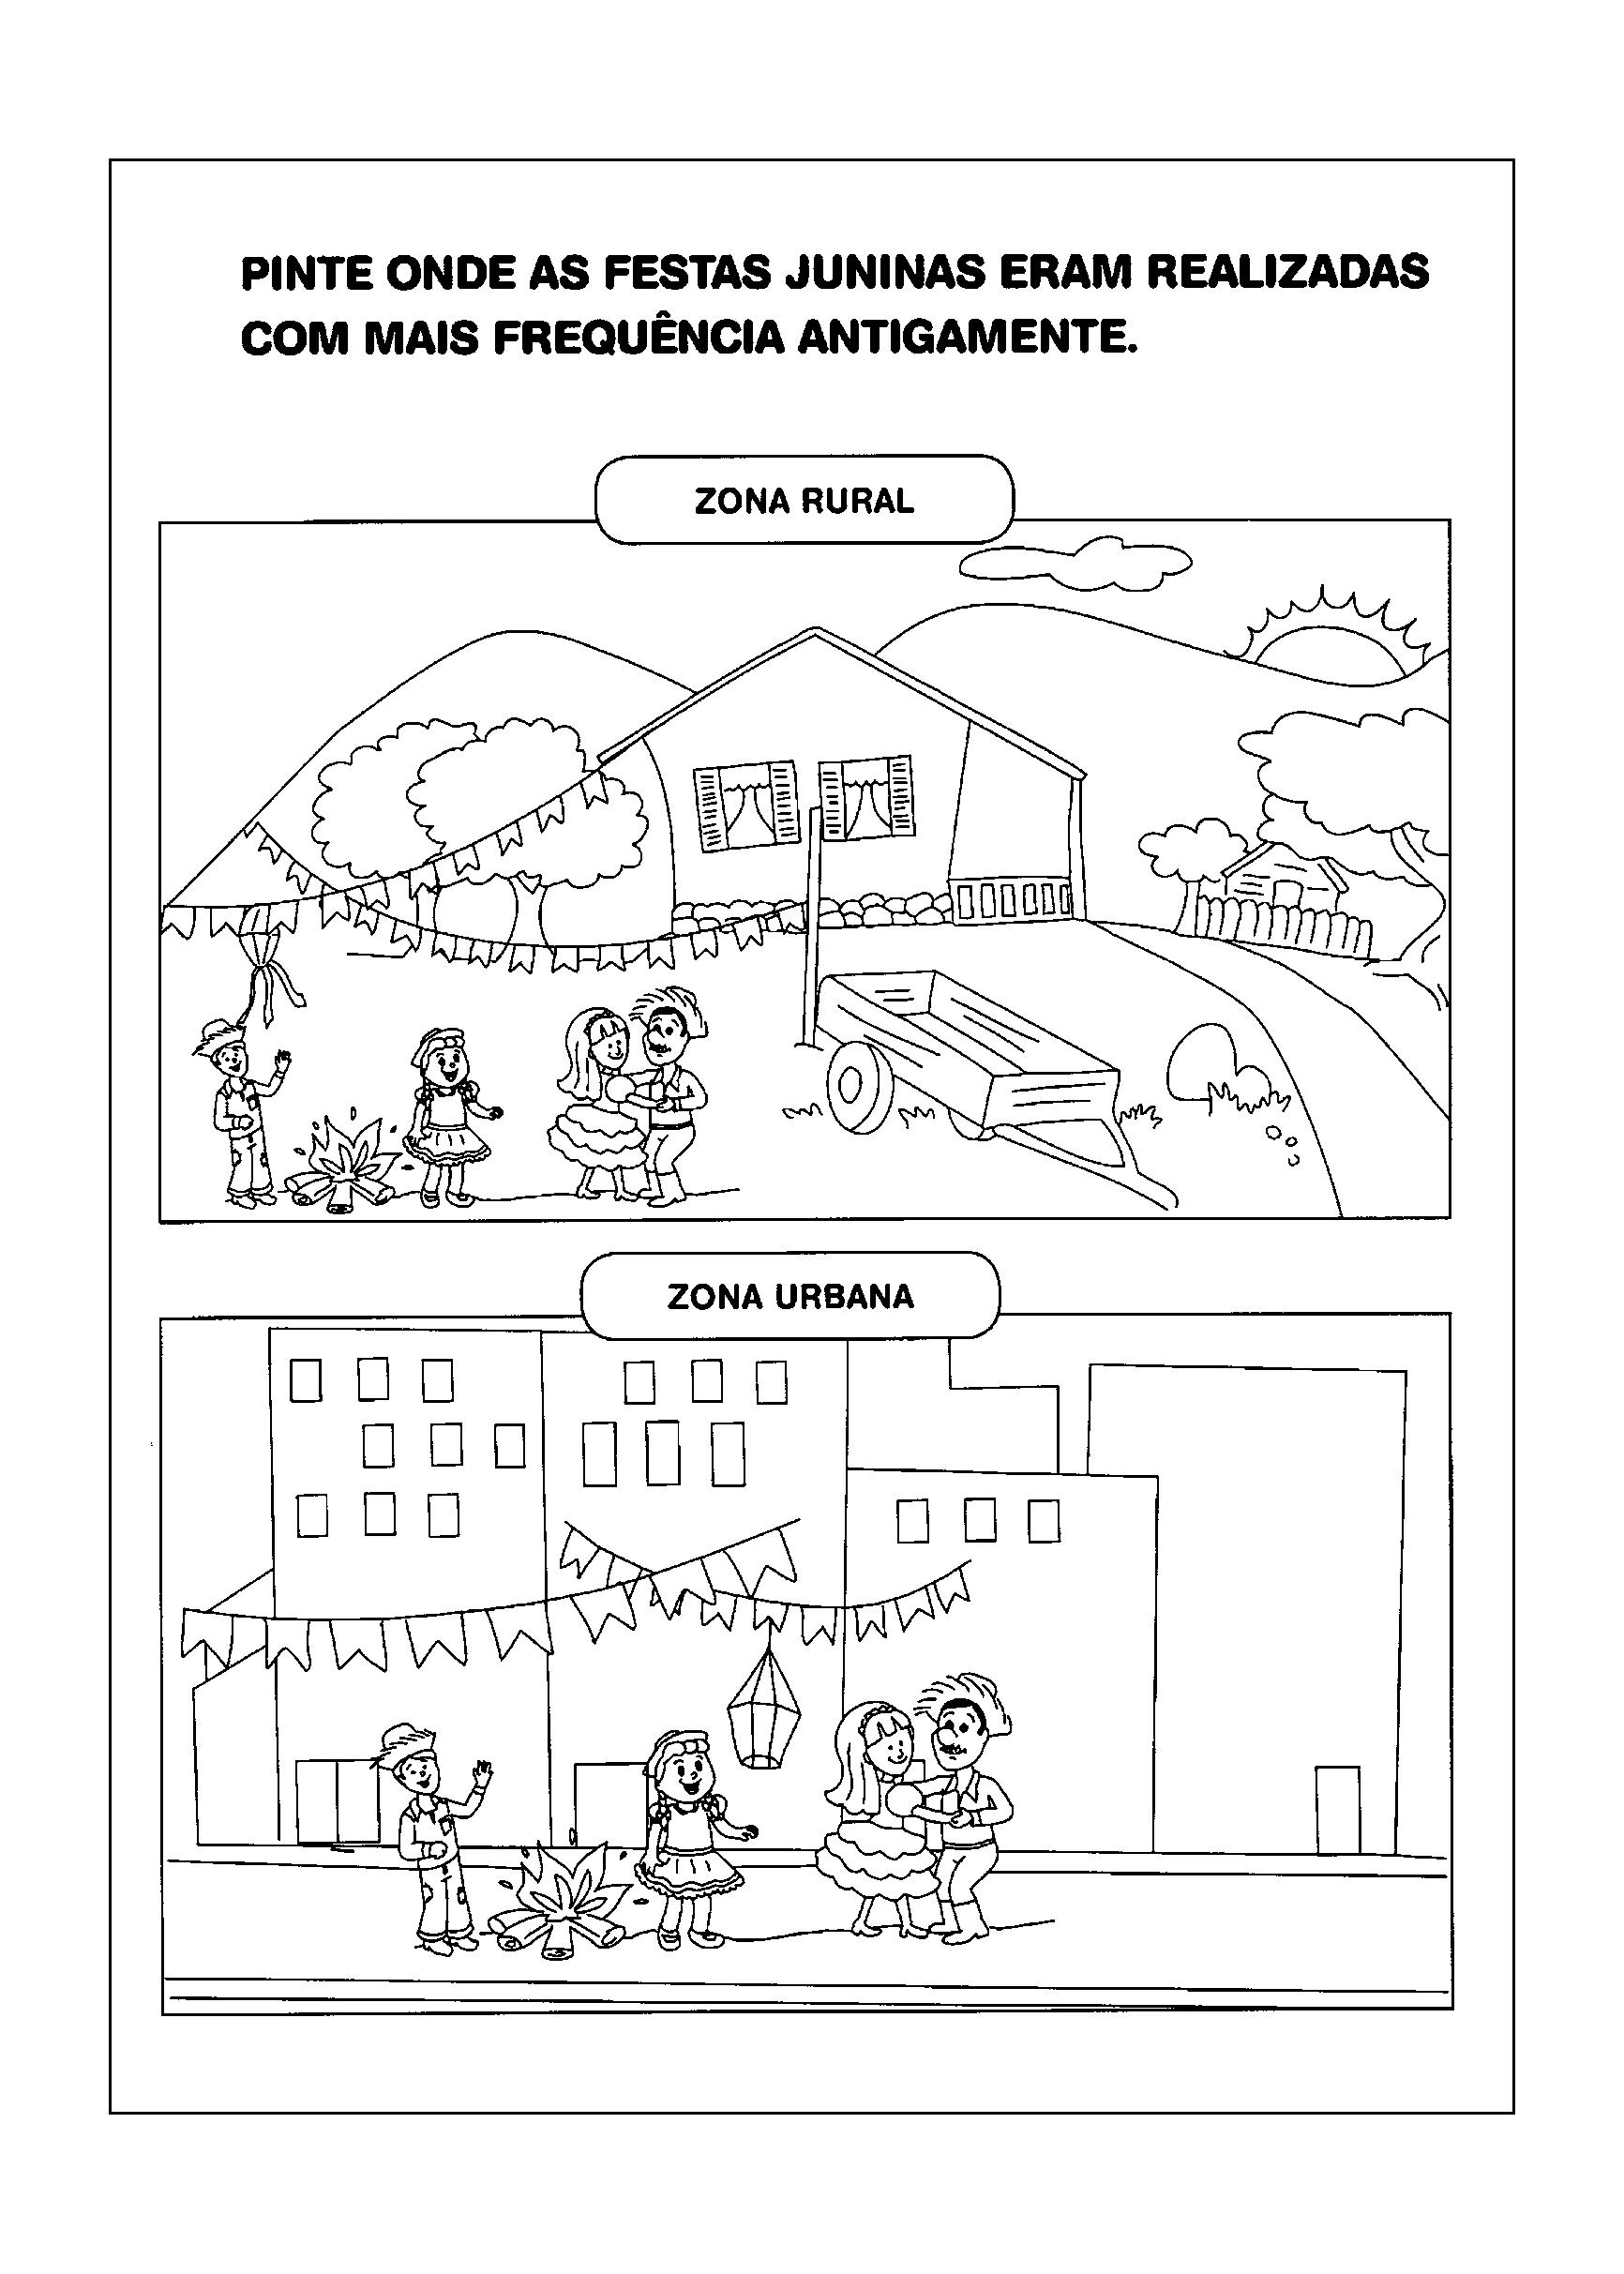 Atividade de Colorir sobre Zona Rural e Zona Urbana